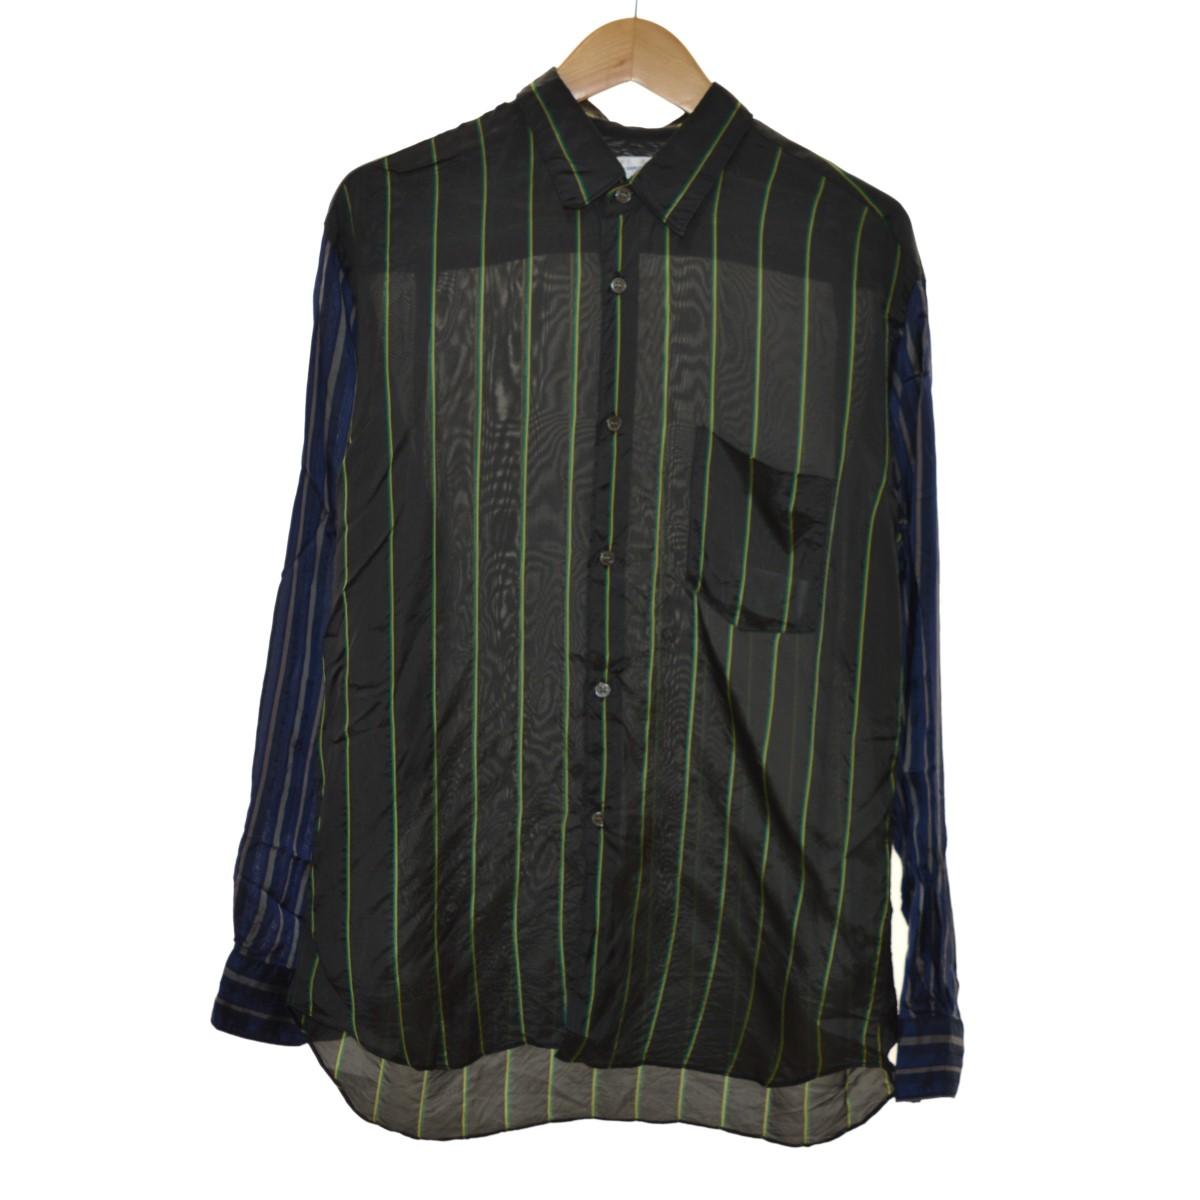 【中古】COMME des GARCONS SHIRT 19SS 切り替えストライプシャツ ブラック サイズ:S 【100320】(コムデギャルソンシャツ)